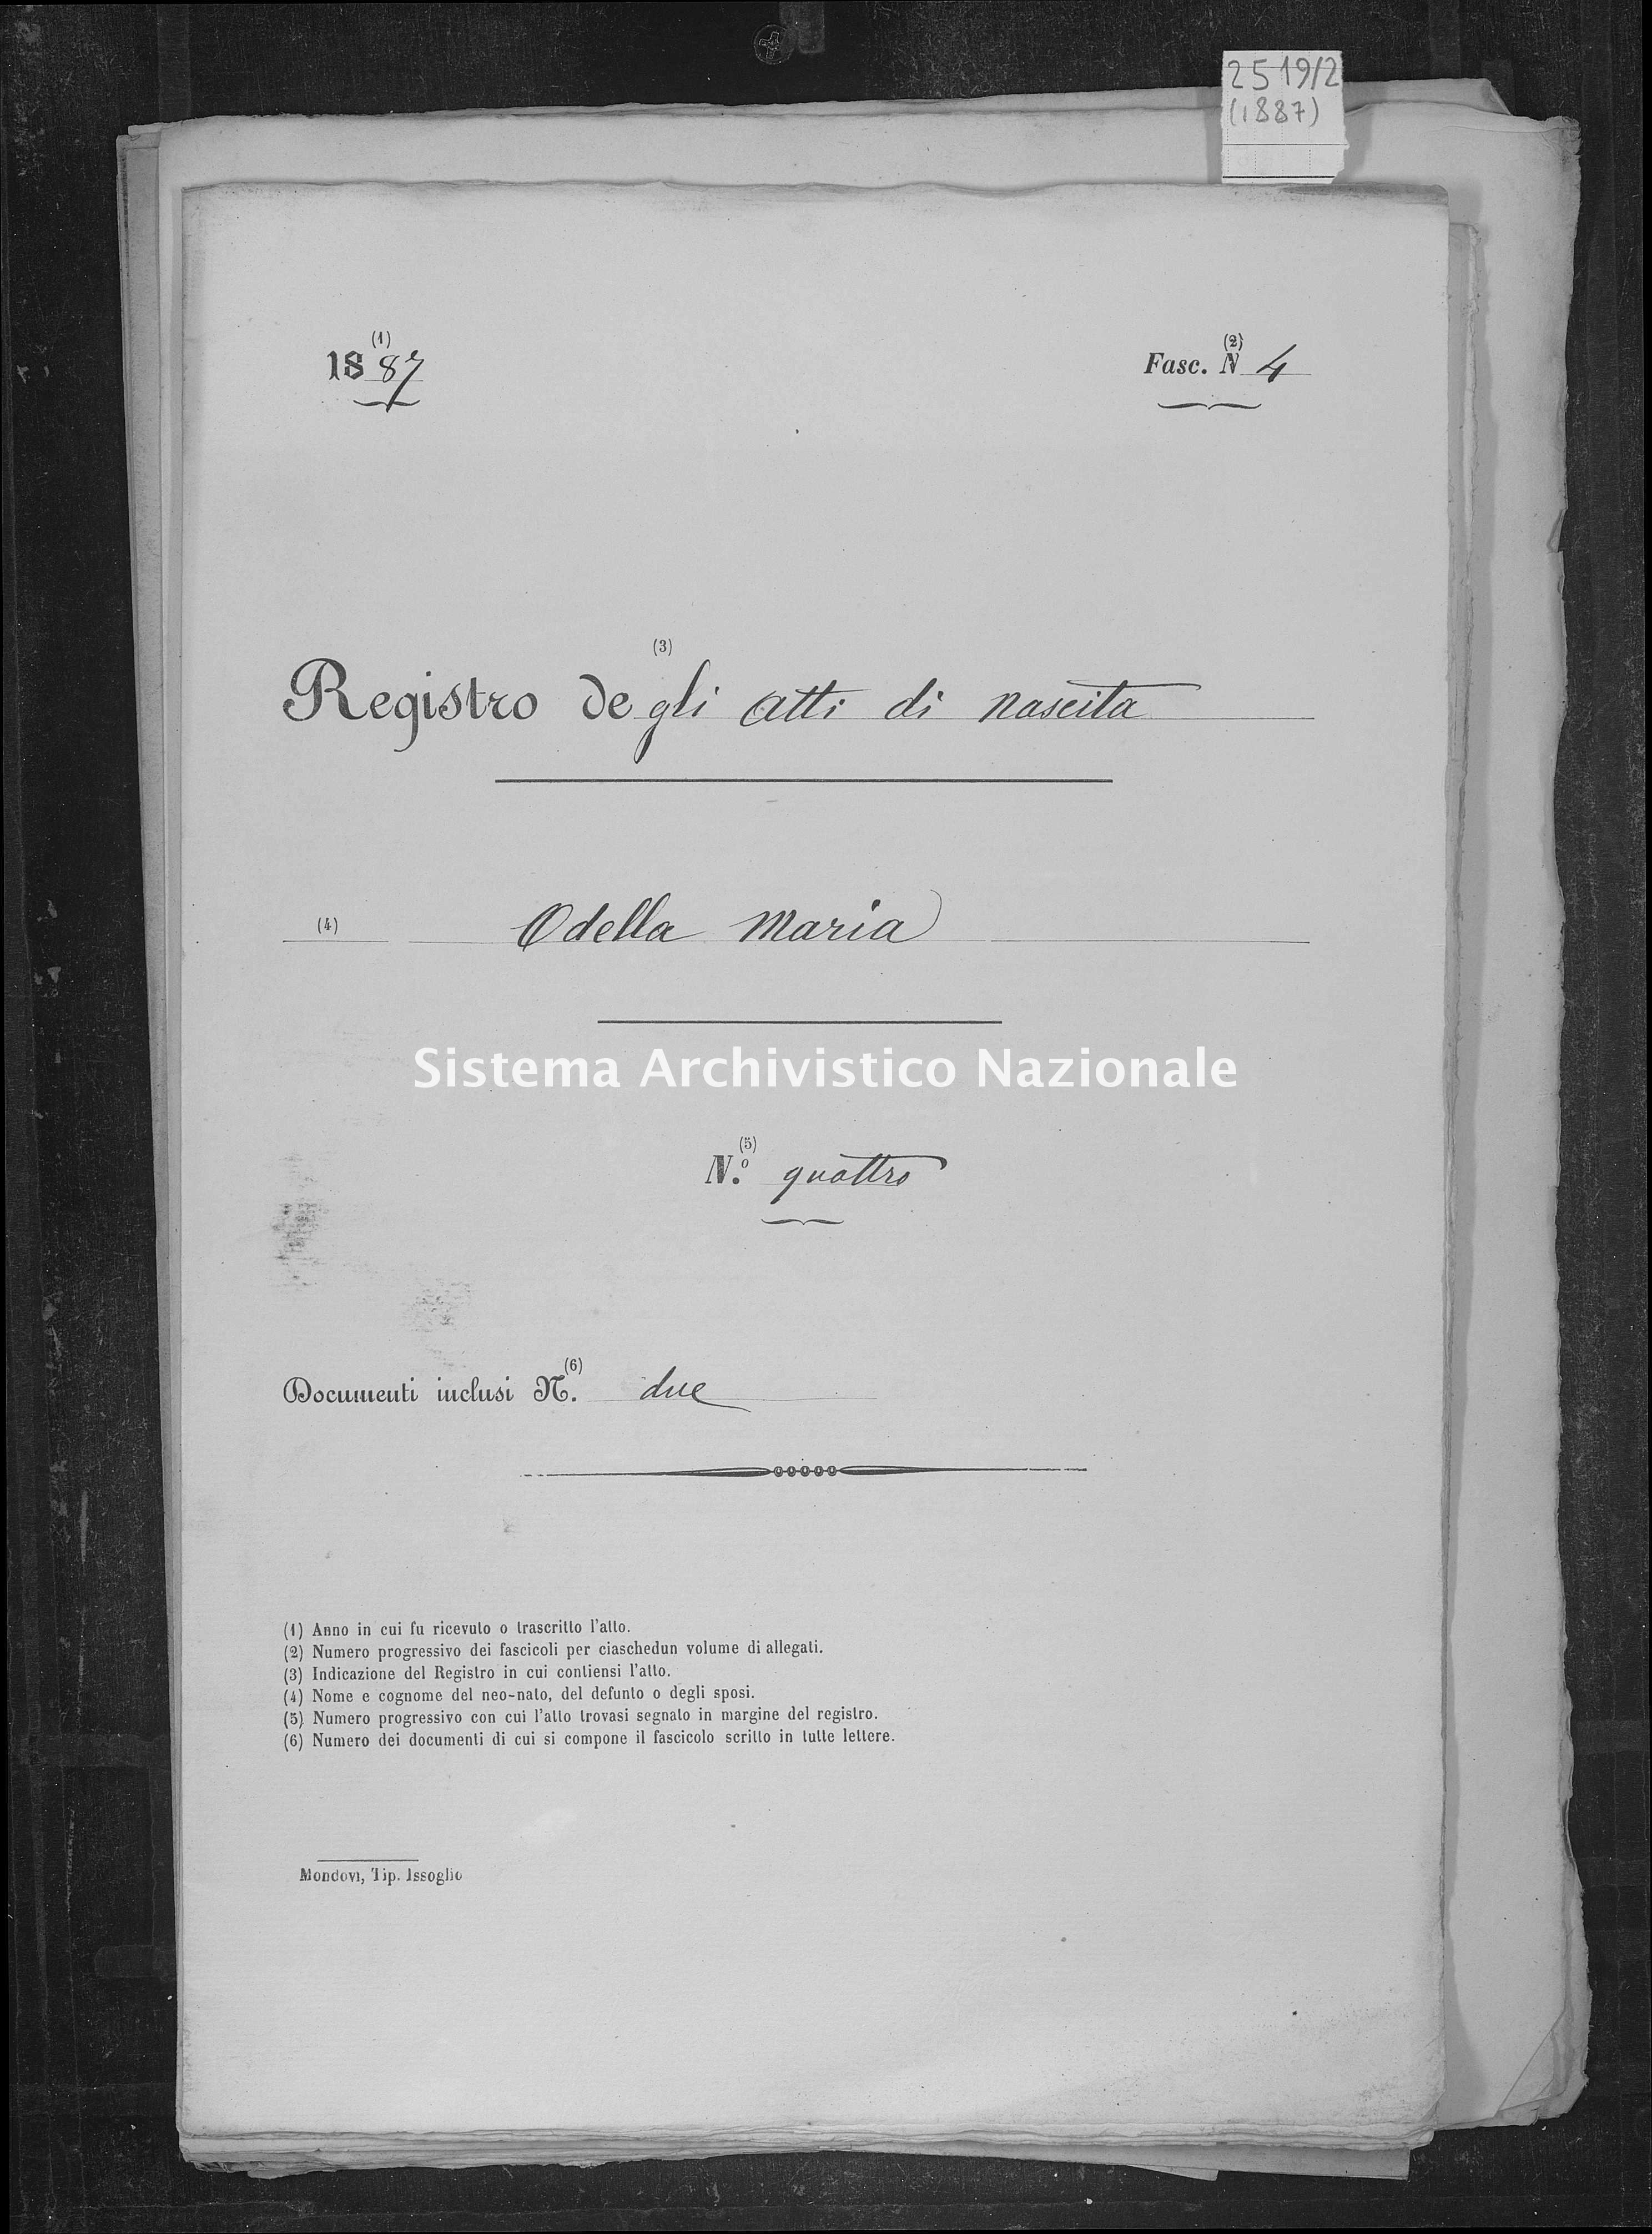 Archivio di stato di Savona - Stato civile - Savona-(Provincia) - Nati-Matrimoni-Morti, allegati - 1887 - 2519, Parte 2 -